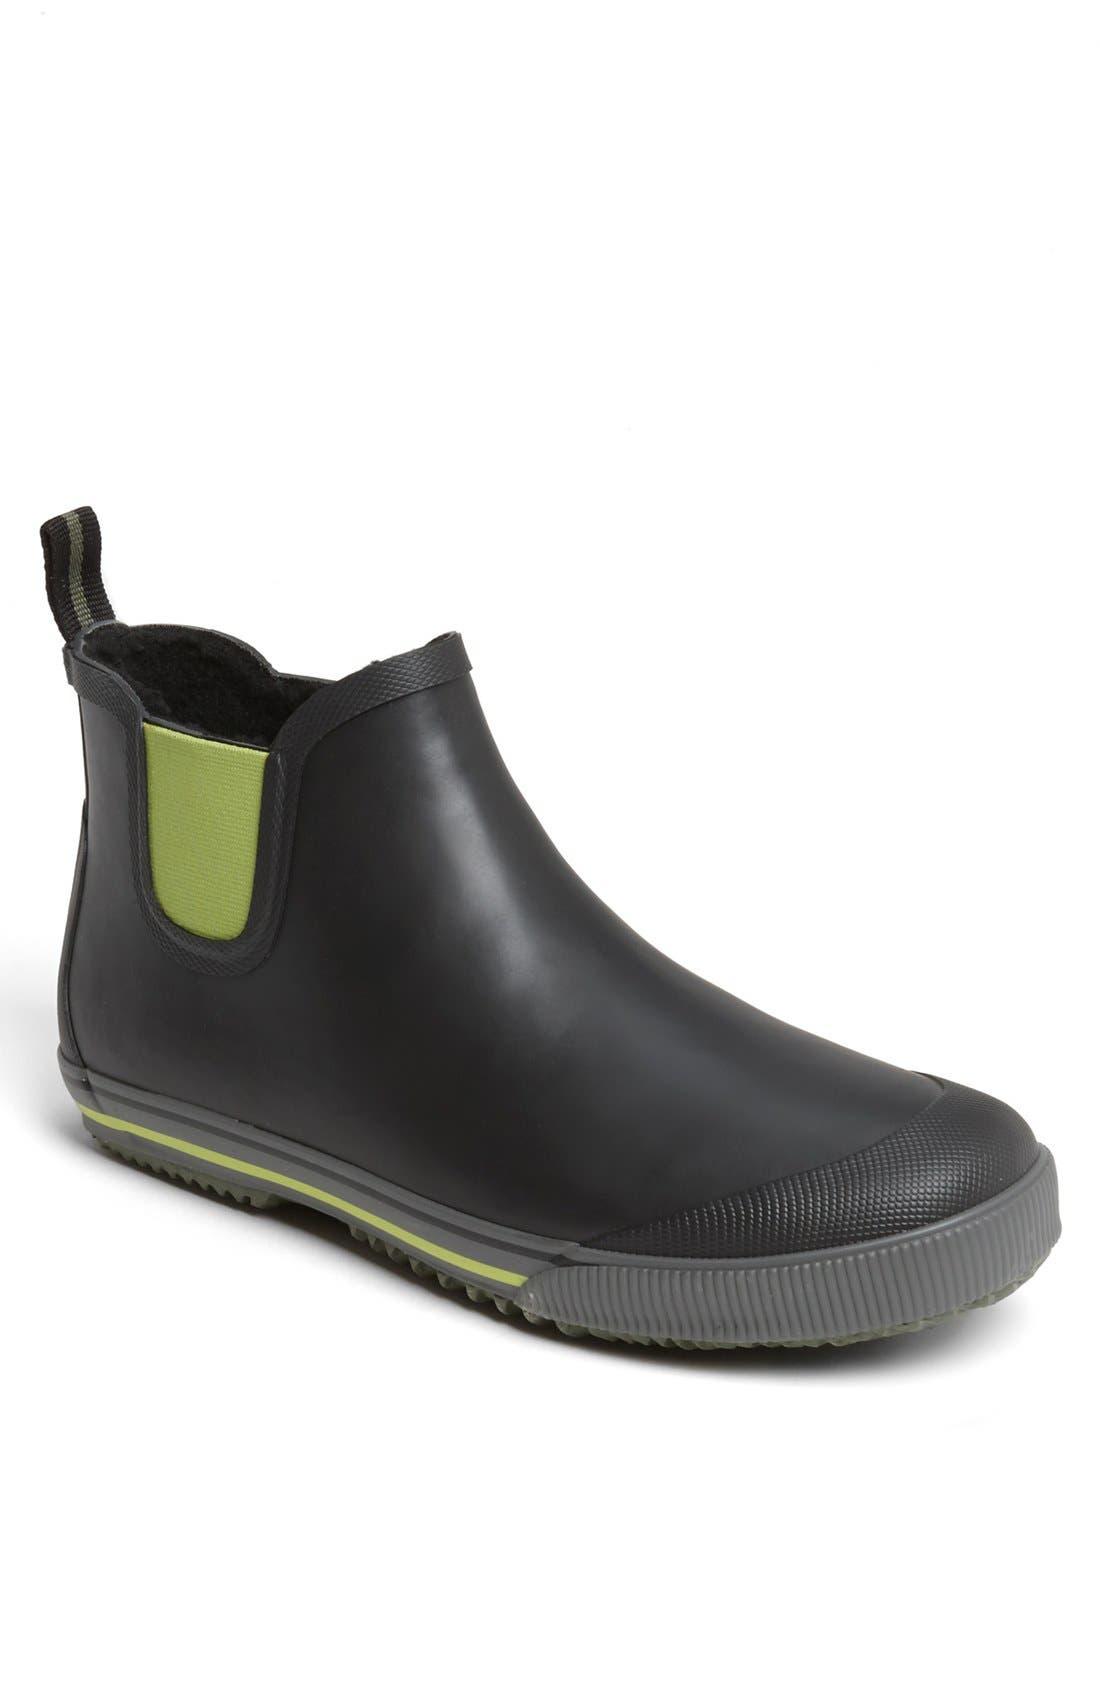 Alternate Image 1 Selected - Tretorn 'Stråla Vinter' Rain Boot (Online Only)